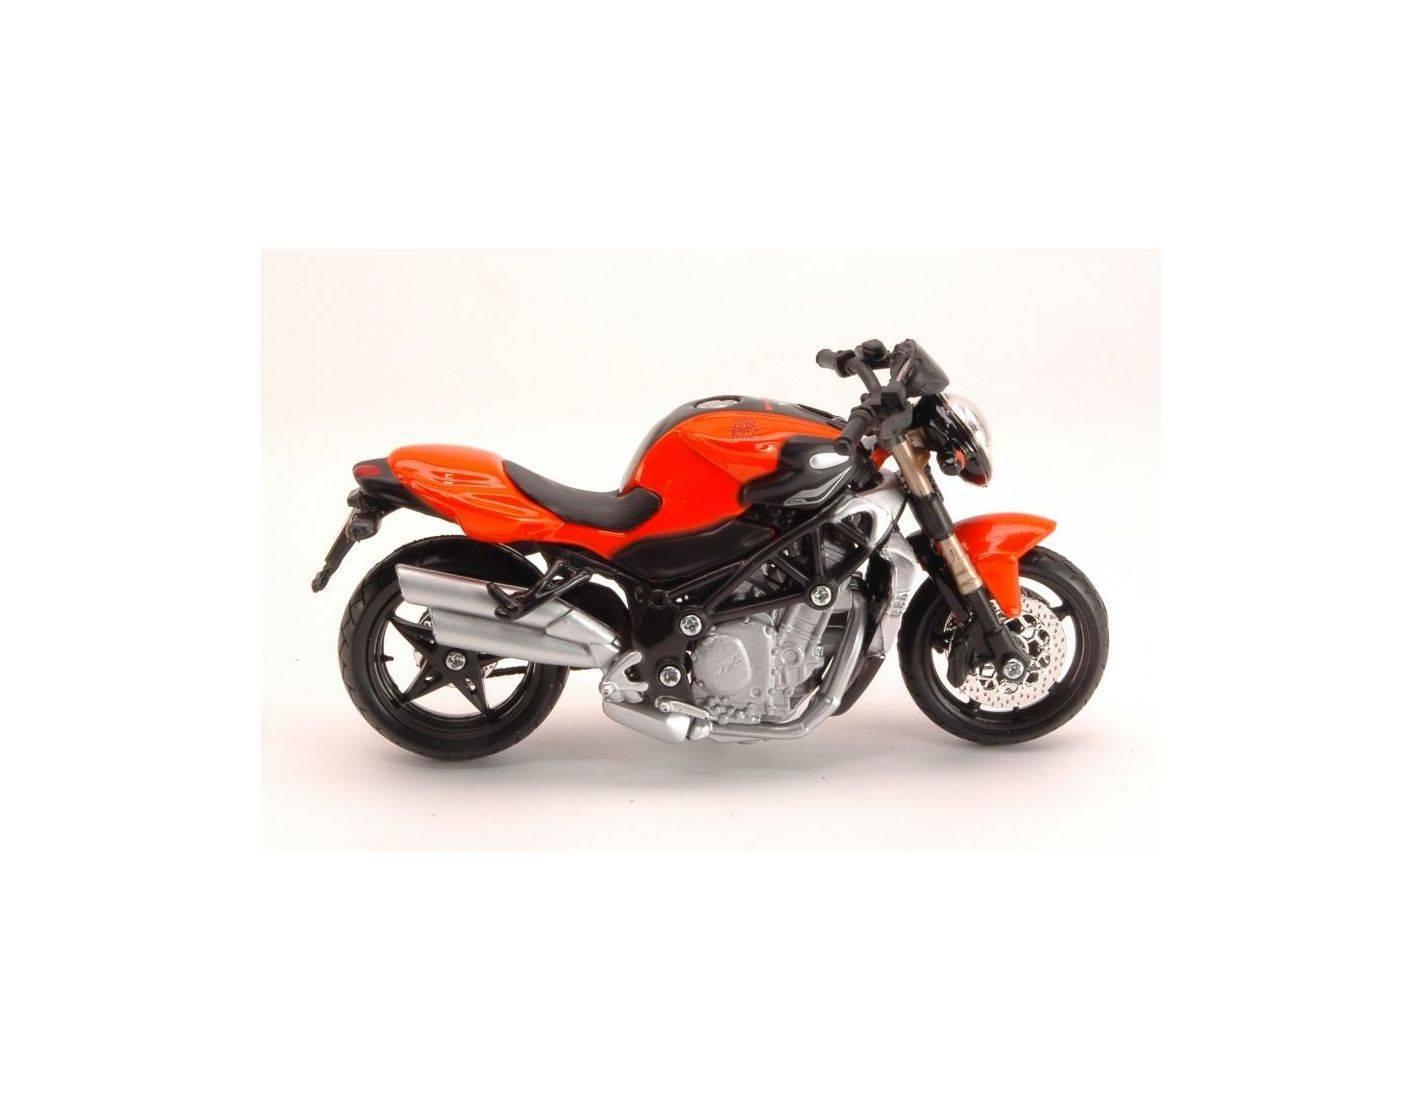 BBURAGO 51030 MV AGUSTA BRUTALE 1090 RR ROSSO scala 1:18 modello moto NUOVO °